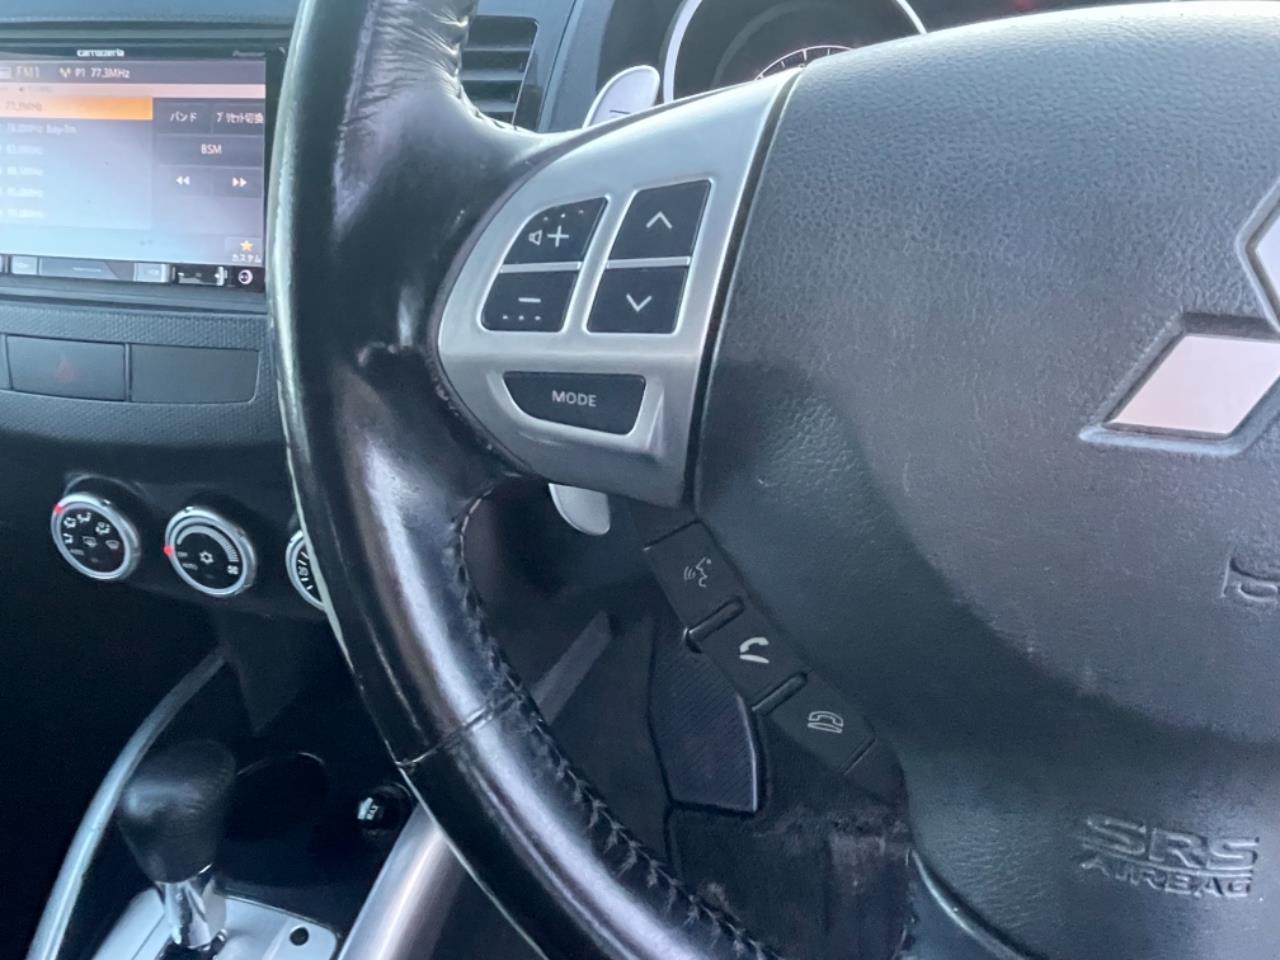 image-11, 2007 Mitsubishi Outlander 24G 4WD 7-Seater at Christchurch